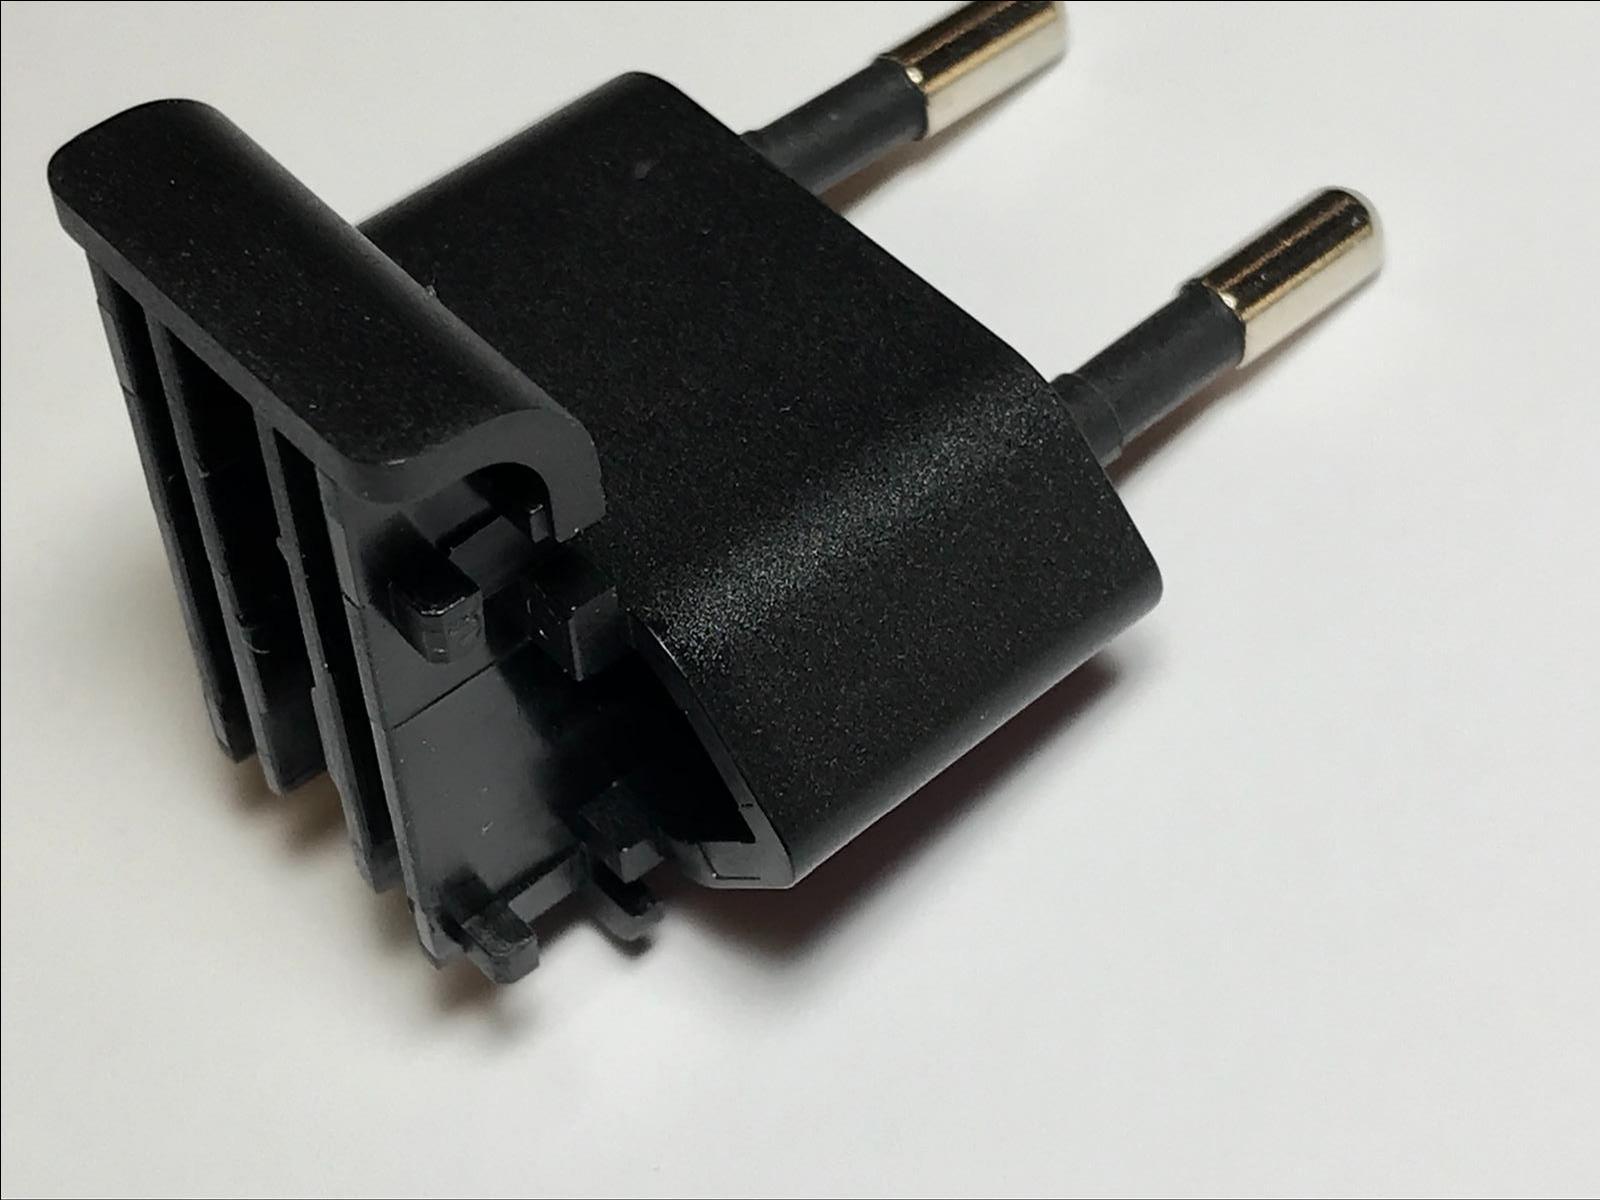 EU Slide Attachment Plug for APD Asian Power Devices 5V 3A WA-15I05R